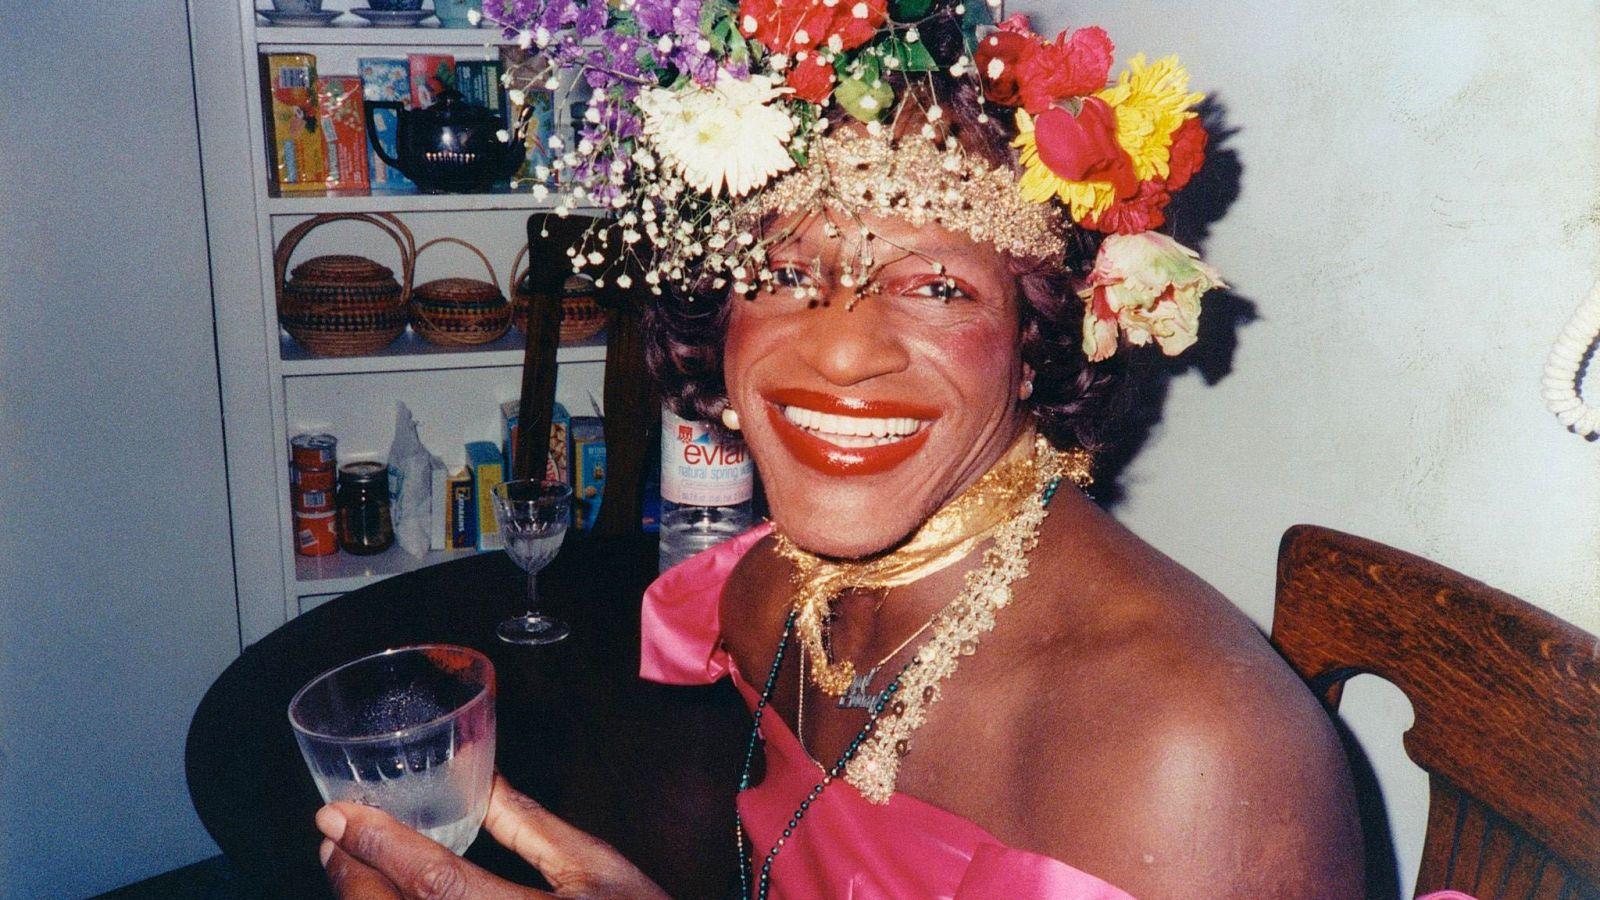 Μάρσα Π. Τζόνσον: 51 χρόνια από τον θάνατο της drag queen ακτιβίστριας – Η Google της αφιερώνει το σημερινό doodle